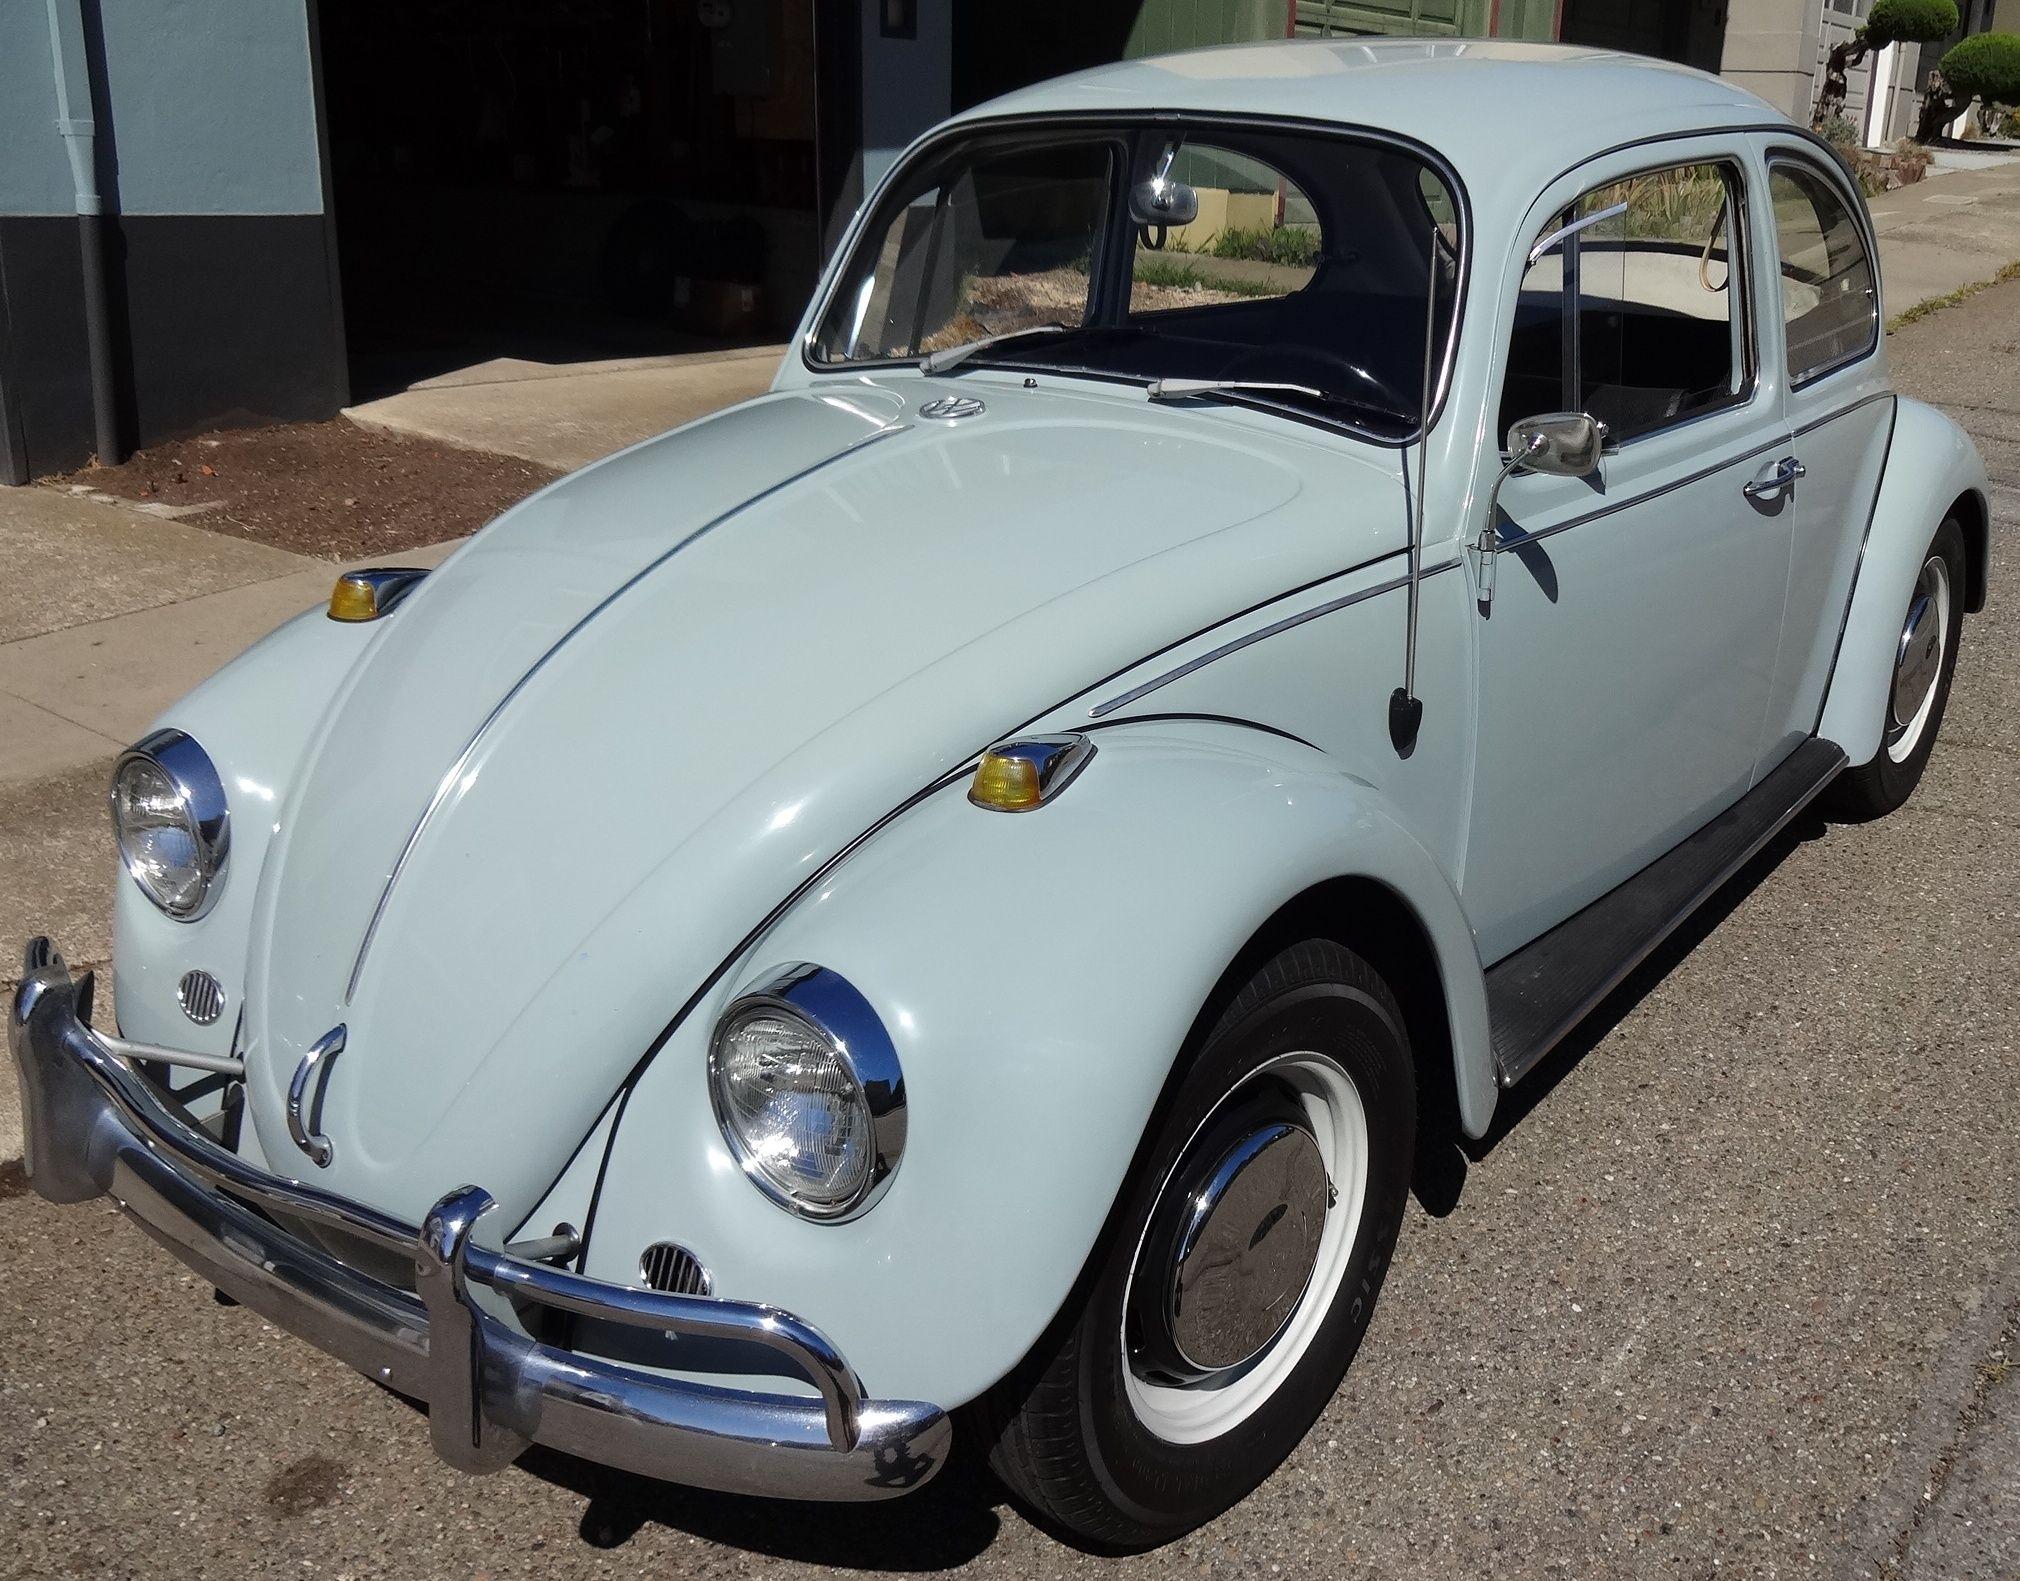 1966 Sea Blue Vw Beetle For Sale Oldbug Com: SOLD — L639 Zenith Blue '67 Beetle